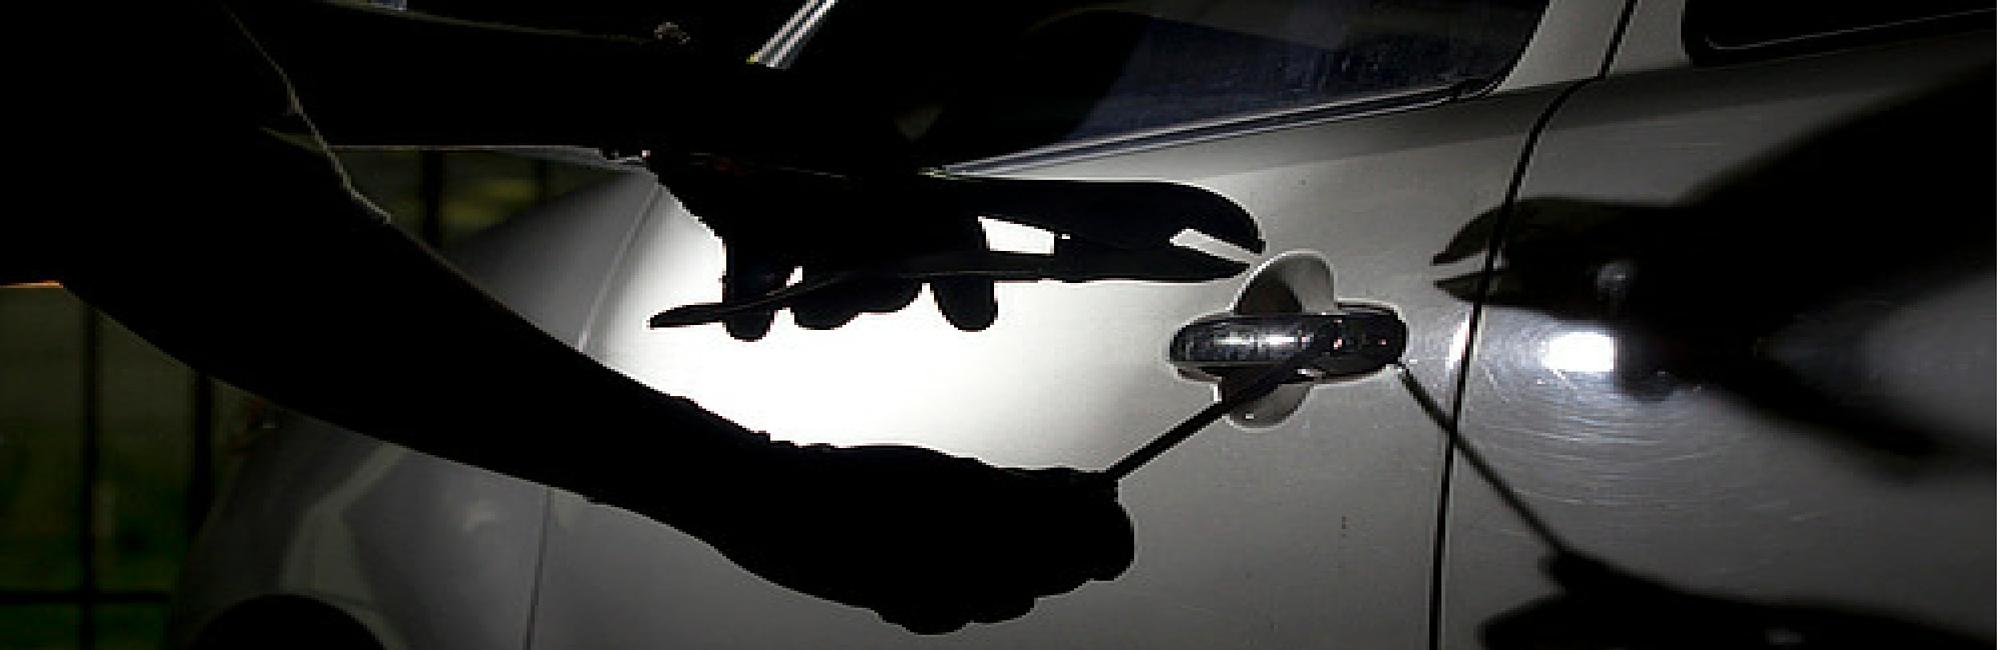 Los autos más robados de Panamá